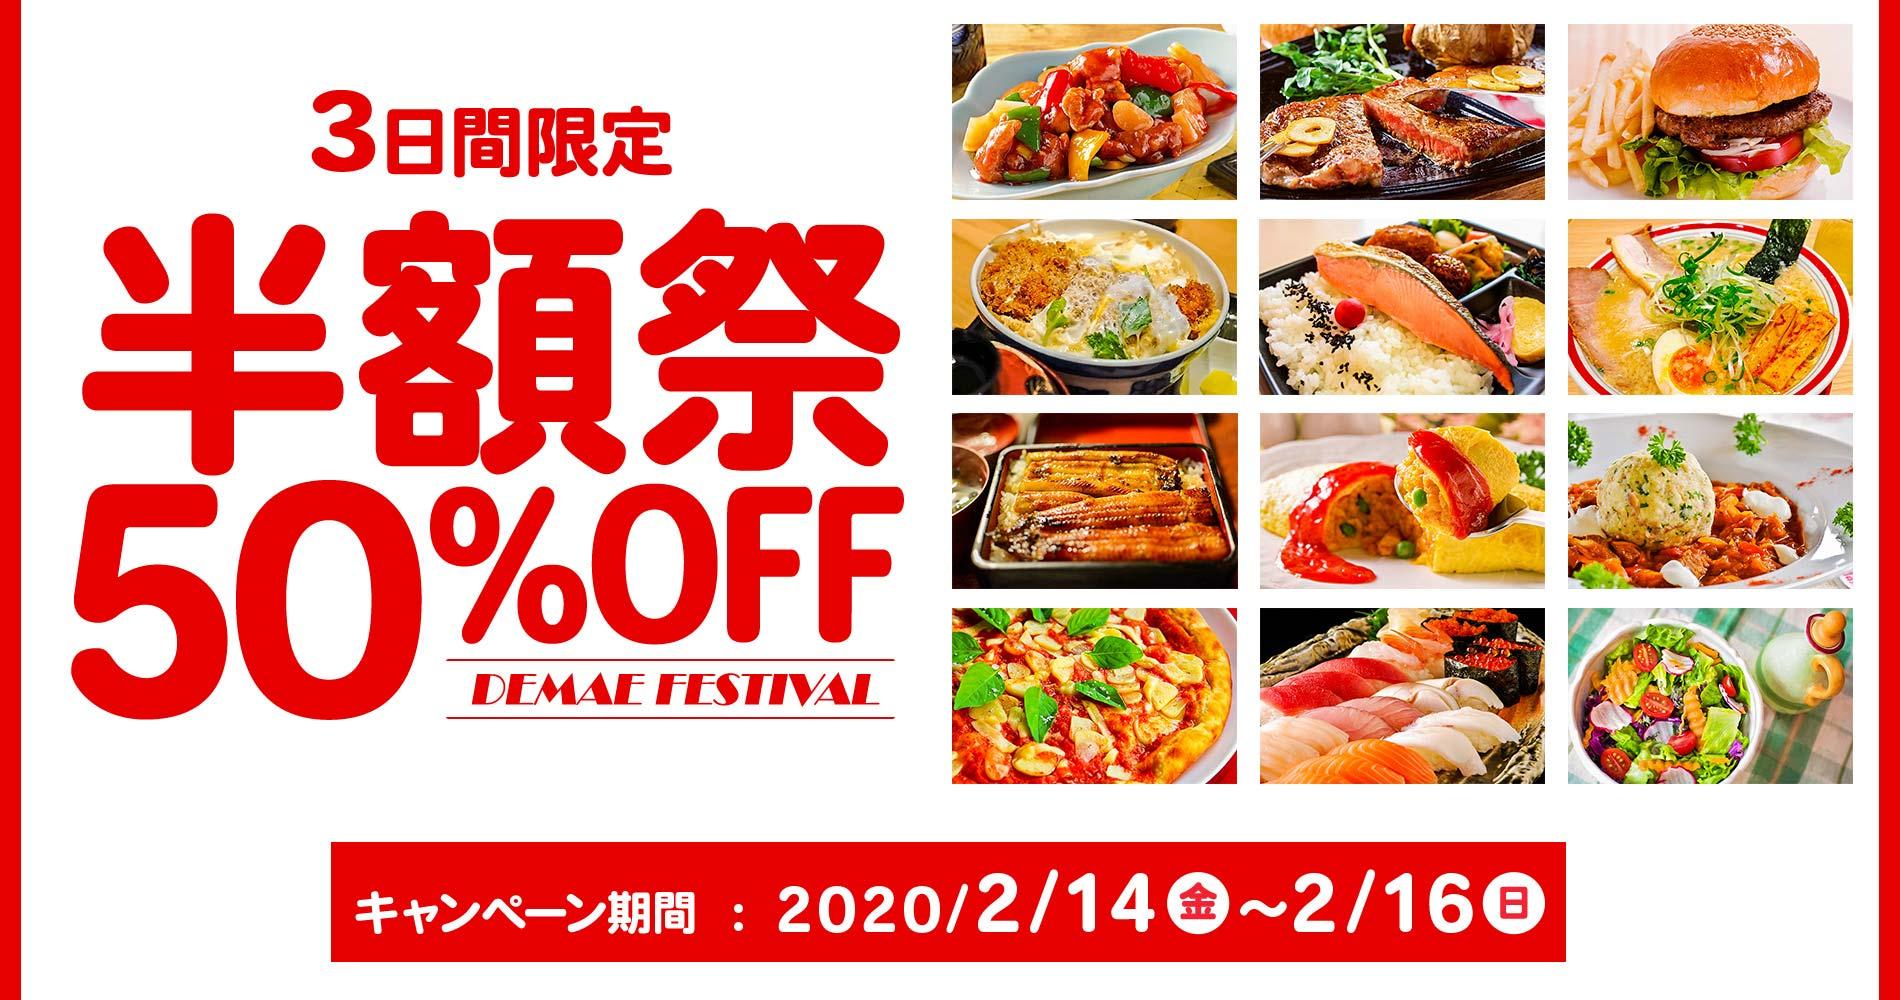 出前館で全品半額セール。ドミノ・ピザやピザーラや味ぎんの寿司や上海エクスプレスや大黒屋が50%OFF。2/14~2/16。